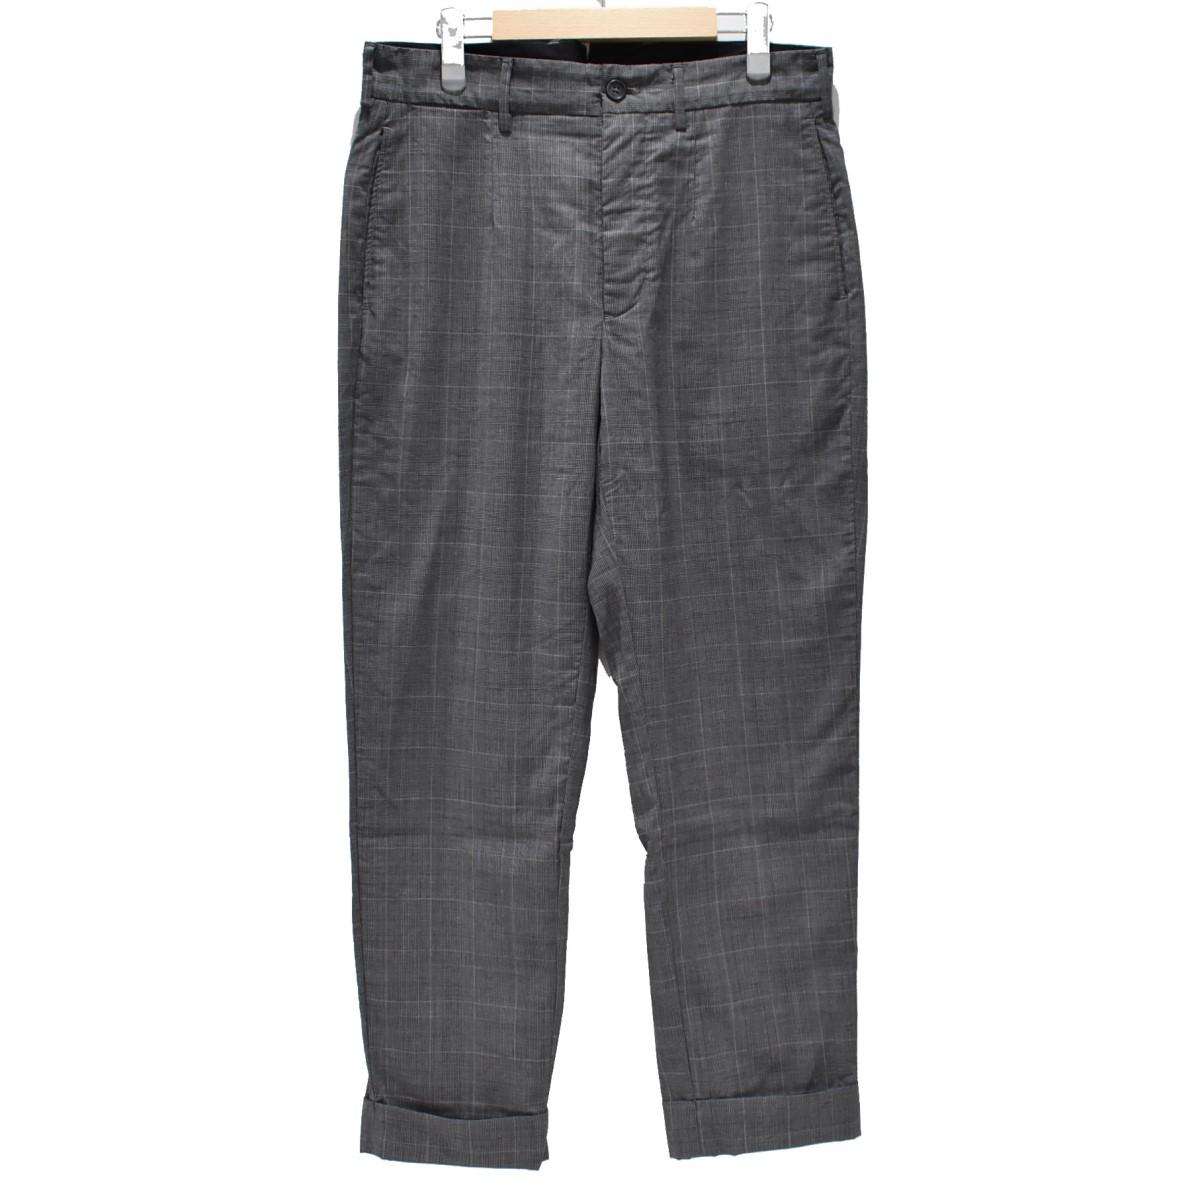 【中古】Engineered Garments 19SS Andover Pant Tropical Wool アンドーバーパンツ グレー サイズ:32 【170720】(エンジニアードガーメンツ)